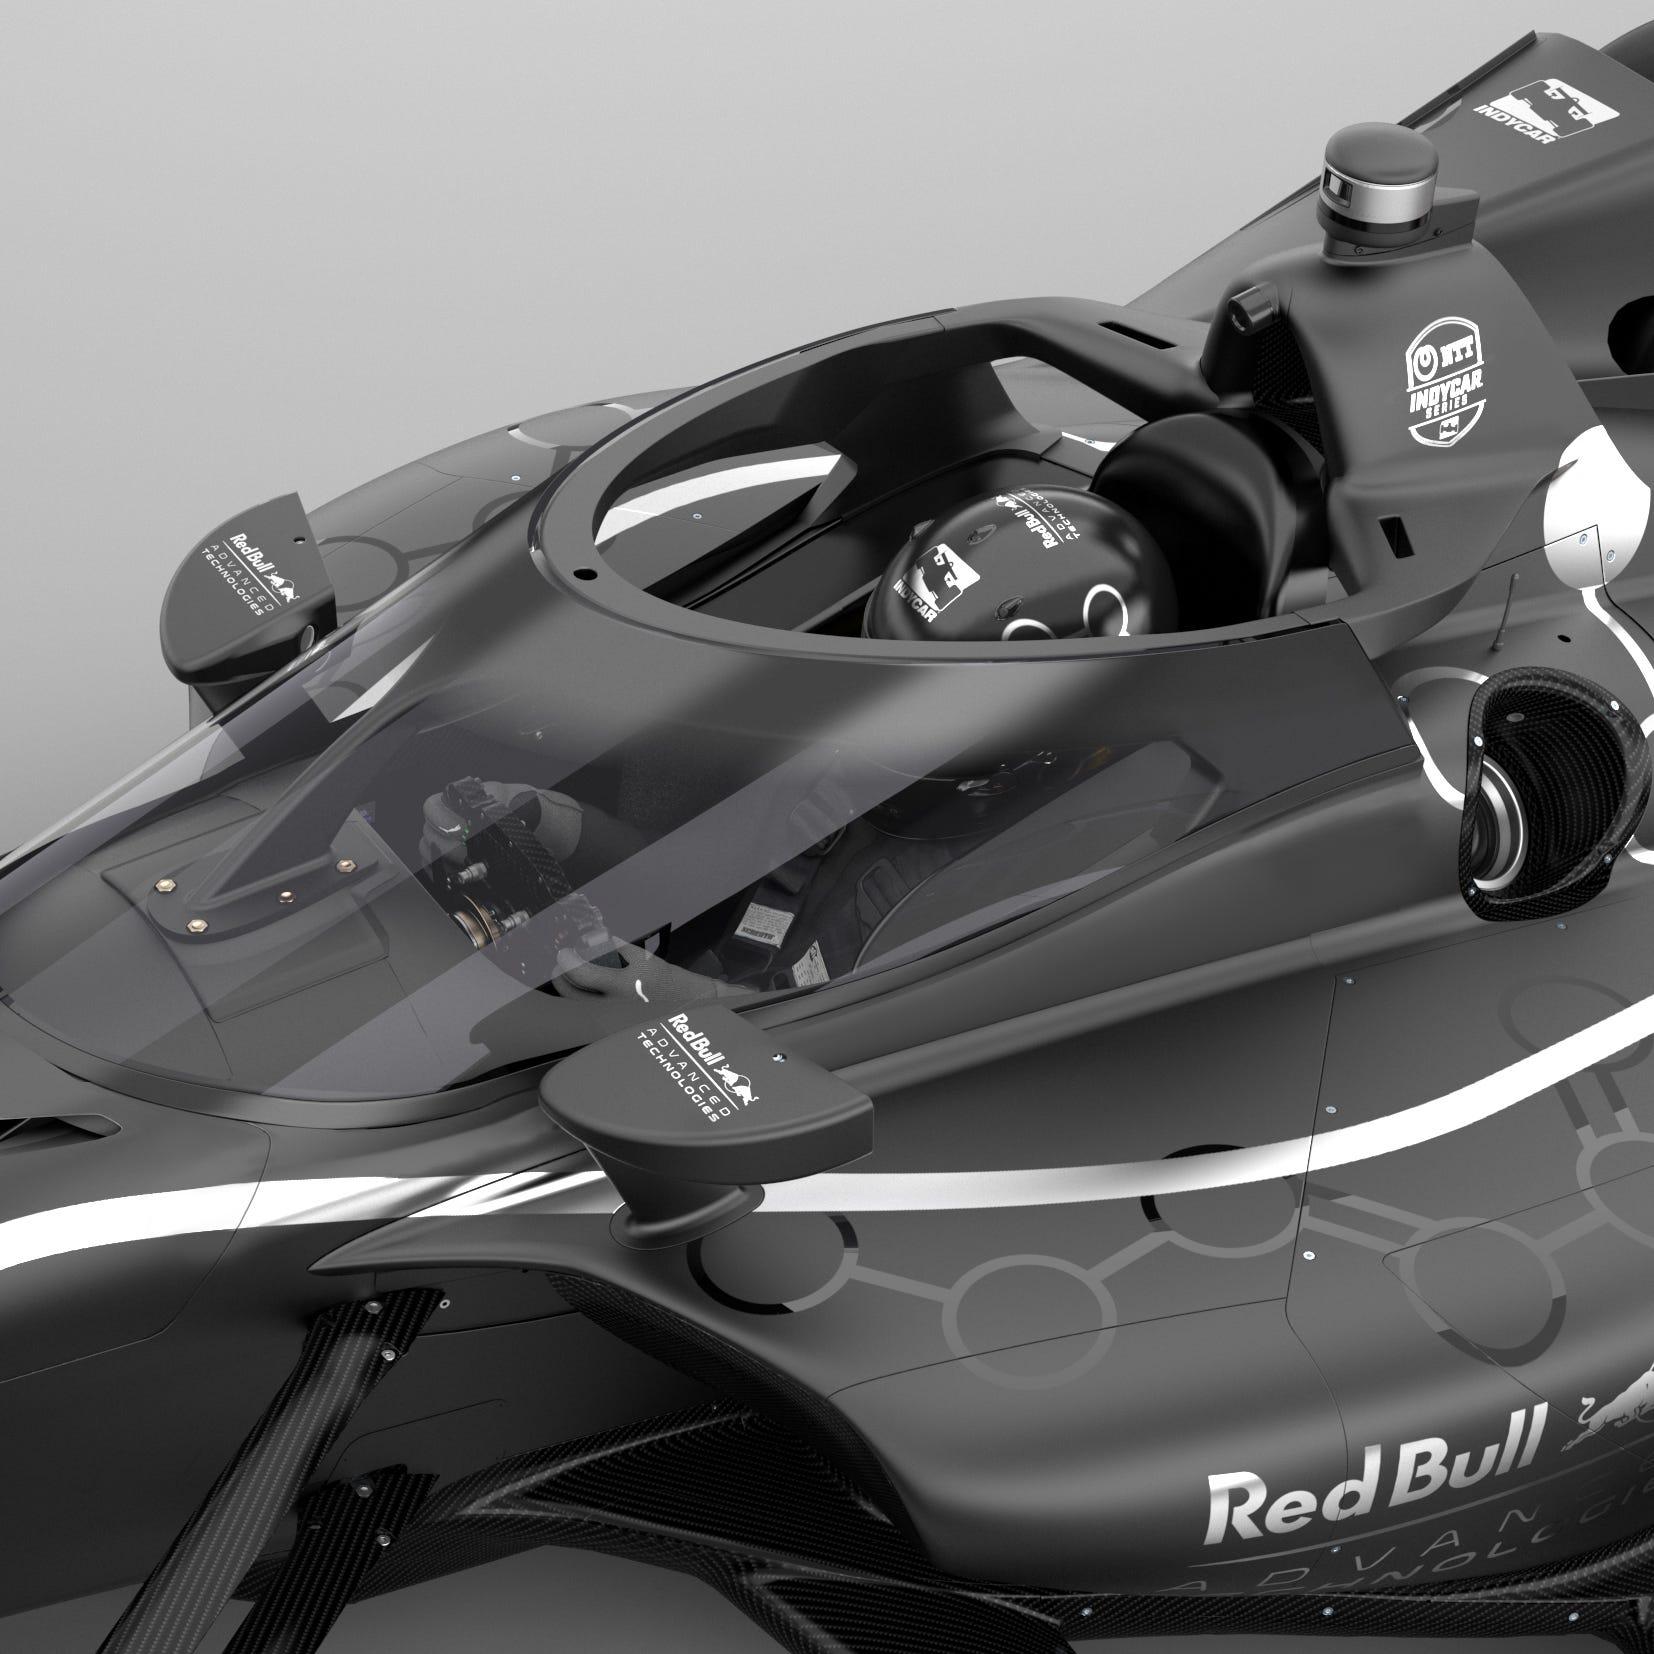 IndyCar, Red Bull unveil aeroscreen for 2020 season